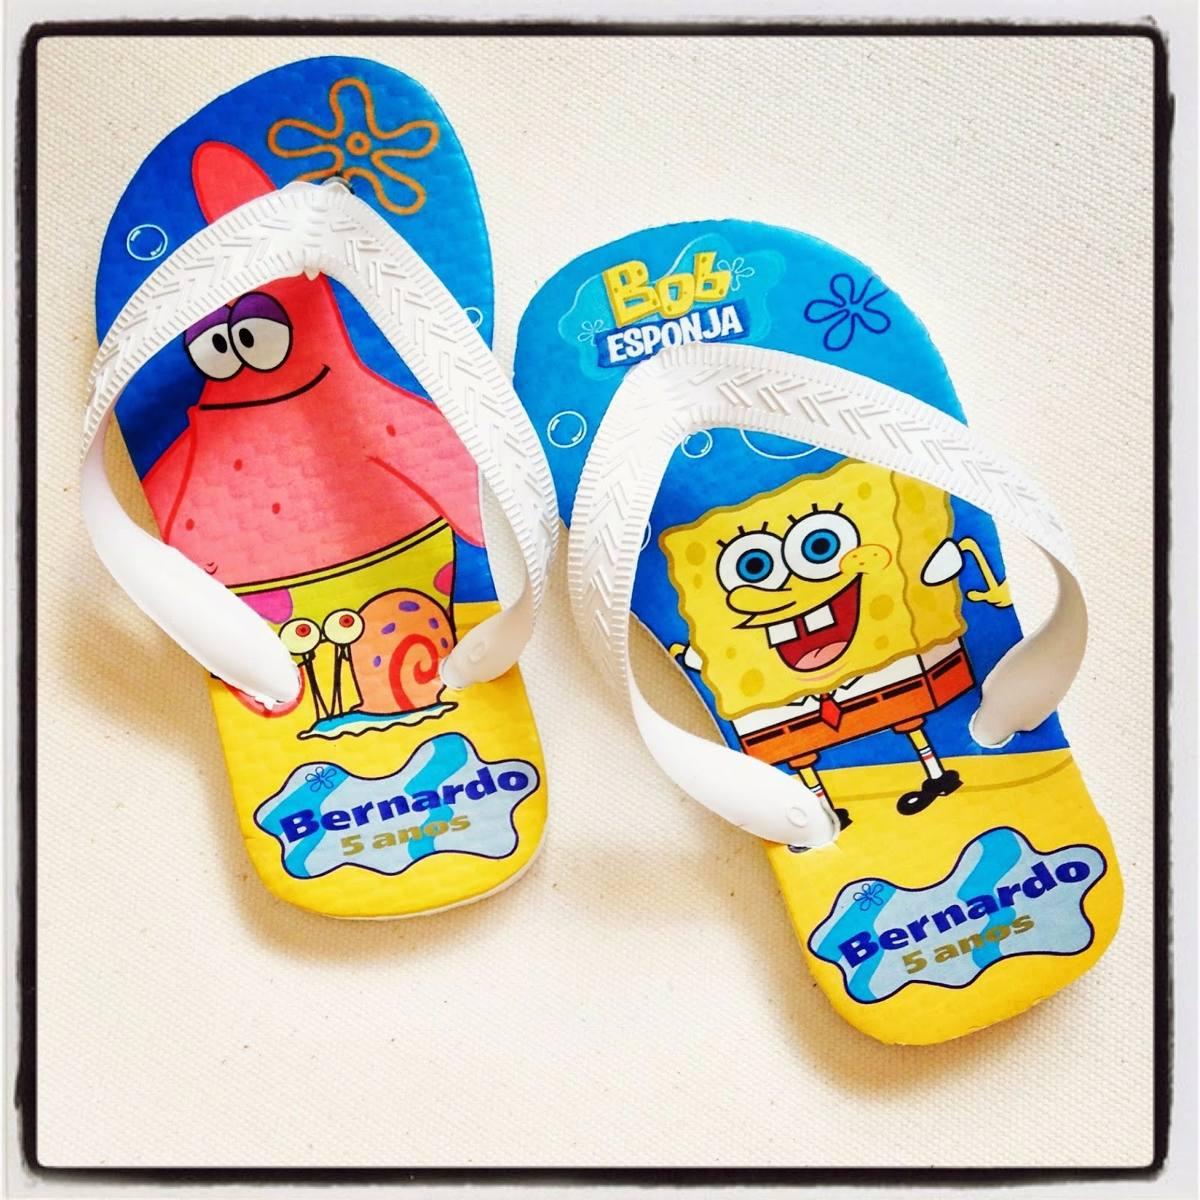 1a786ba6f chinelos personalizados no Elo7 | Duarte Produtos Personalizados (5C531D)